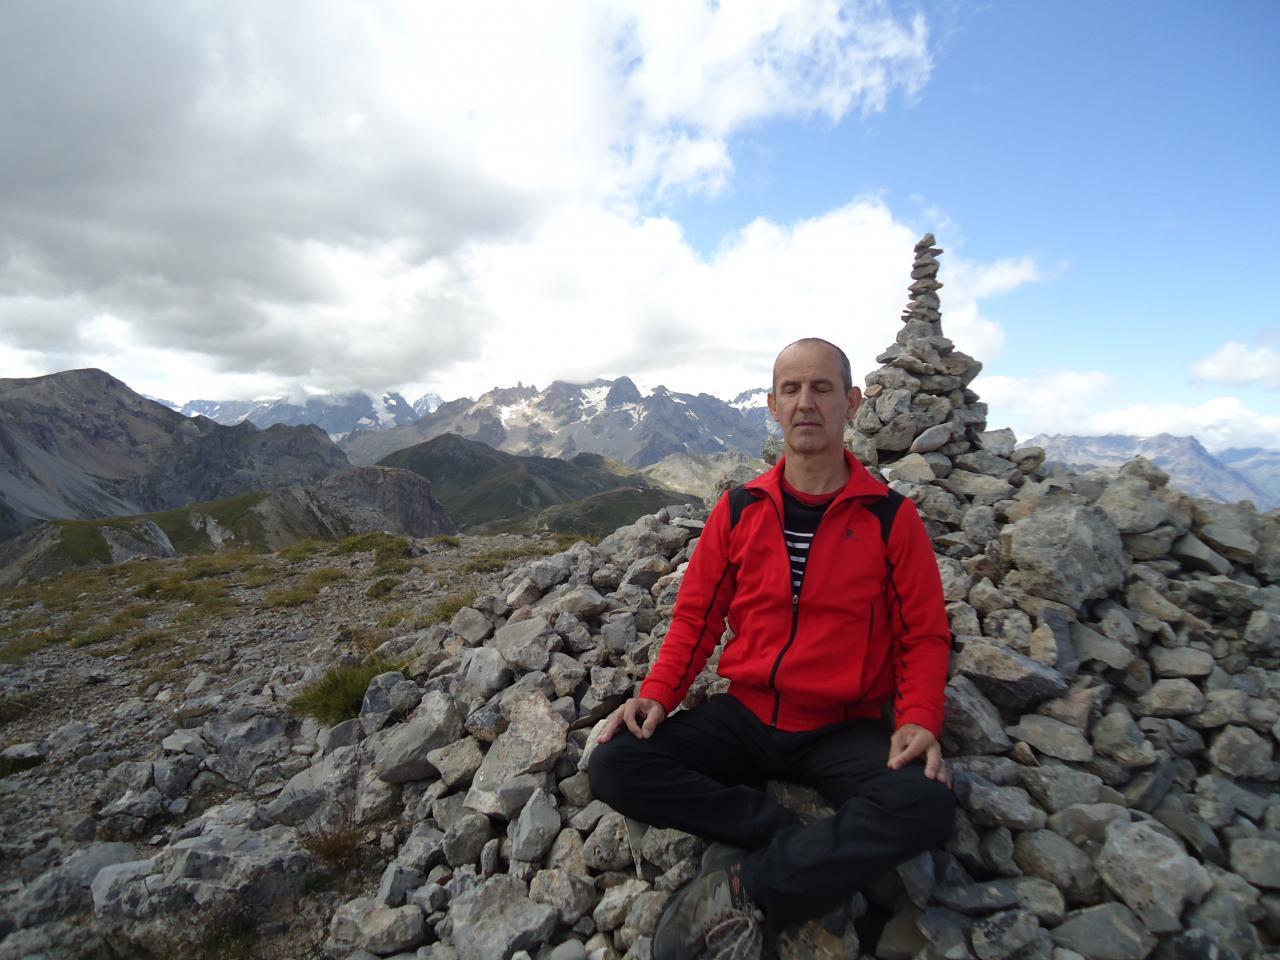 Intériorité en montagne